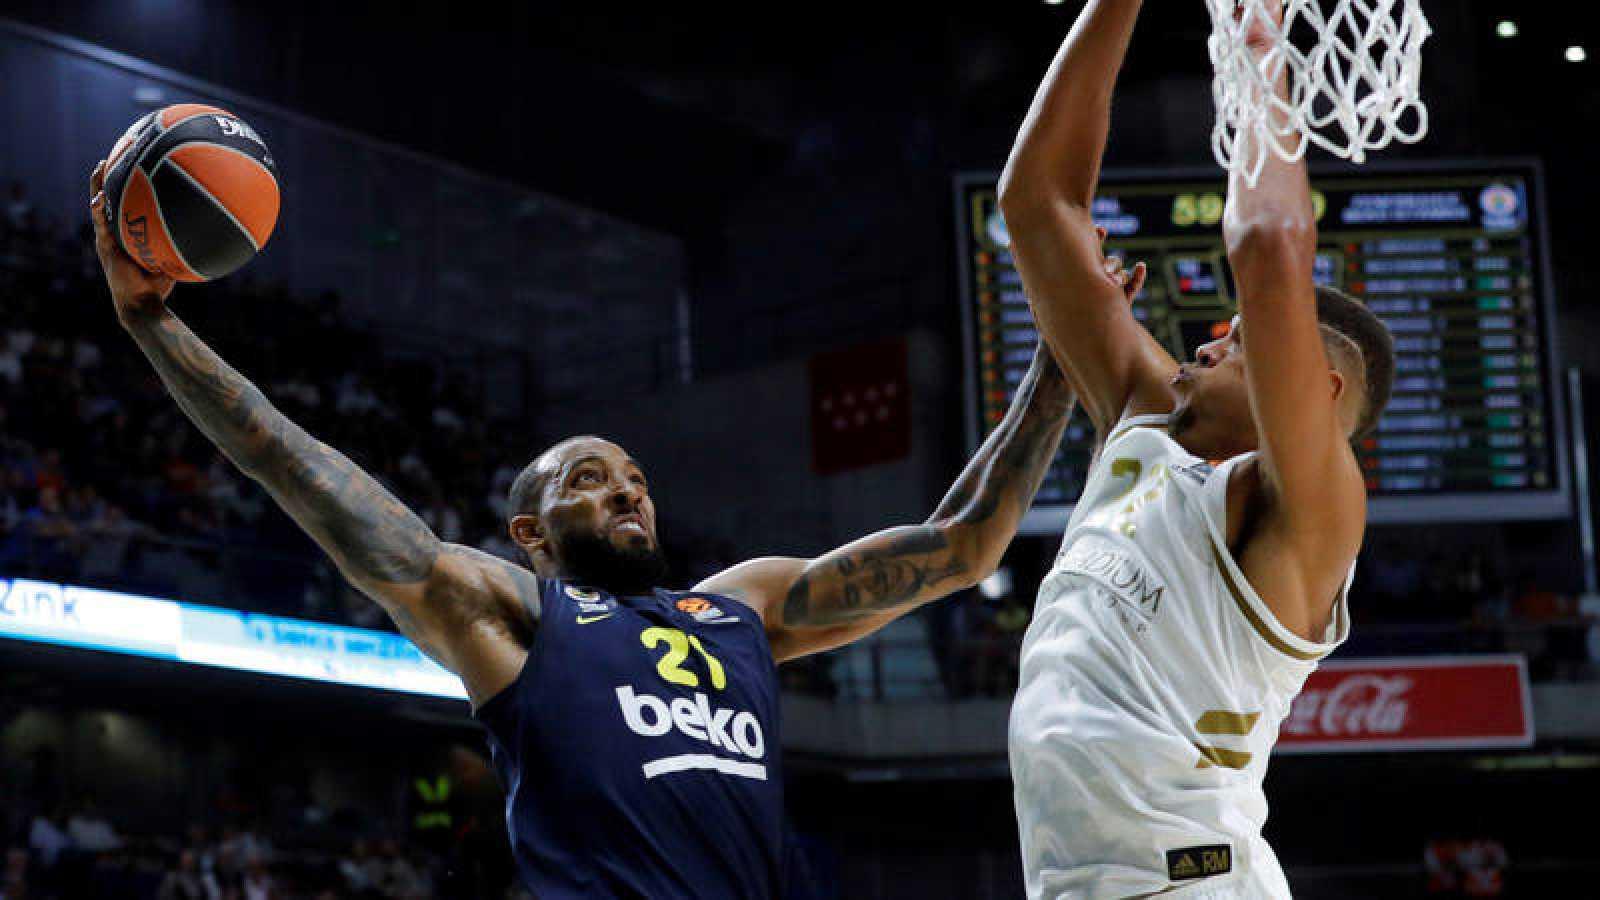 Derrick Williams, del Fenerbahçe, intenta encestar ante la oposición de Walter Tavares, del Madrid.